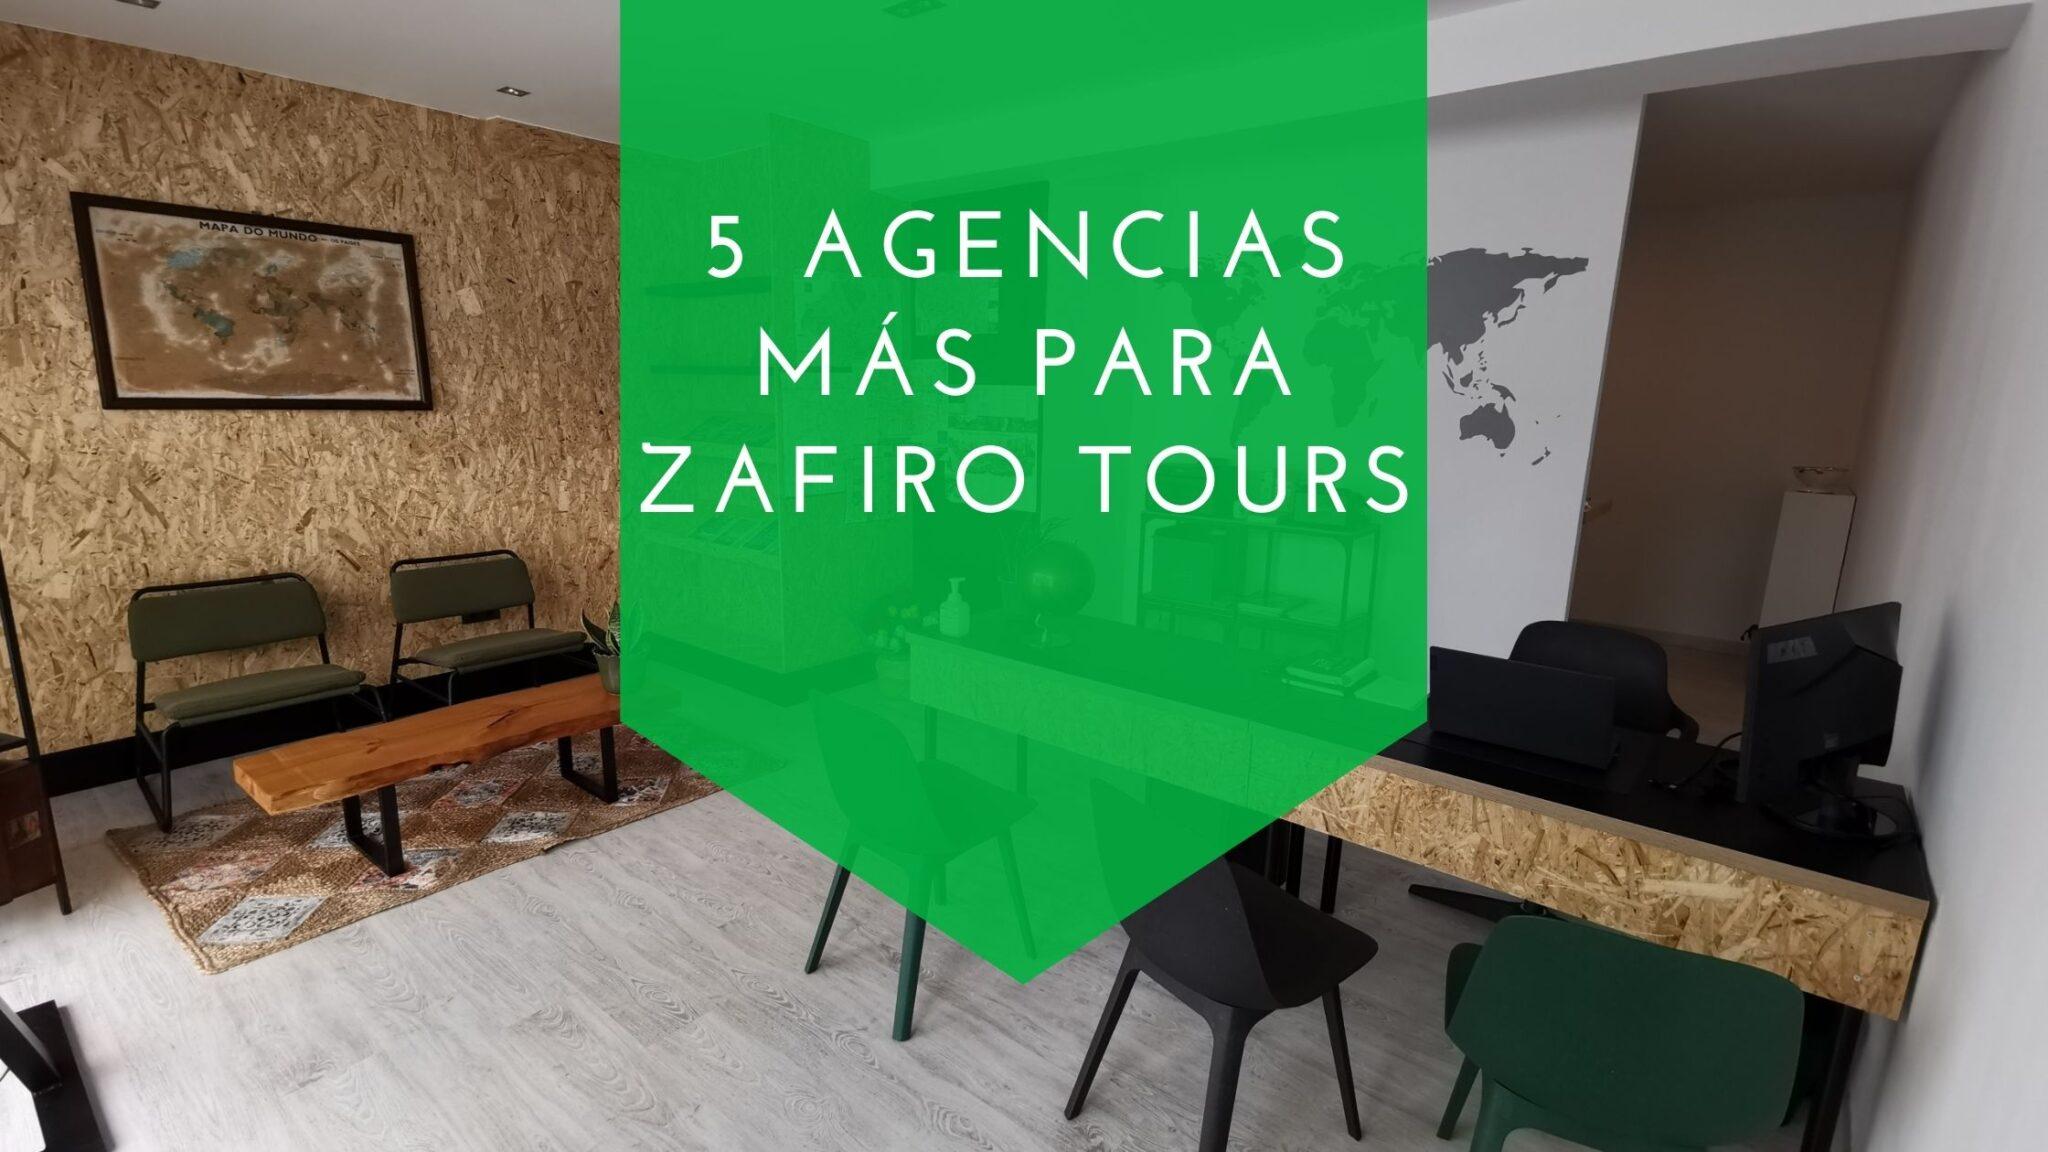 En este momento estás viendo ZAFIRO TOURS SUMA 5 AGENCIAS